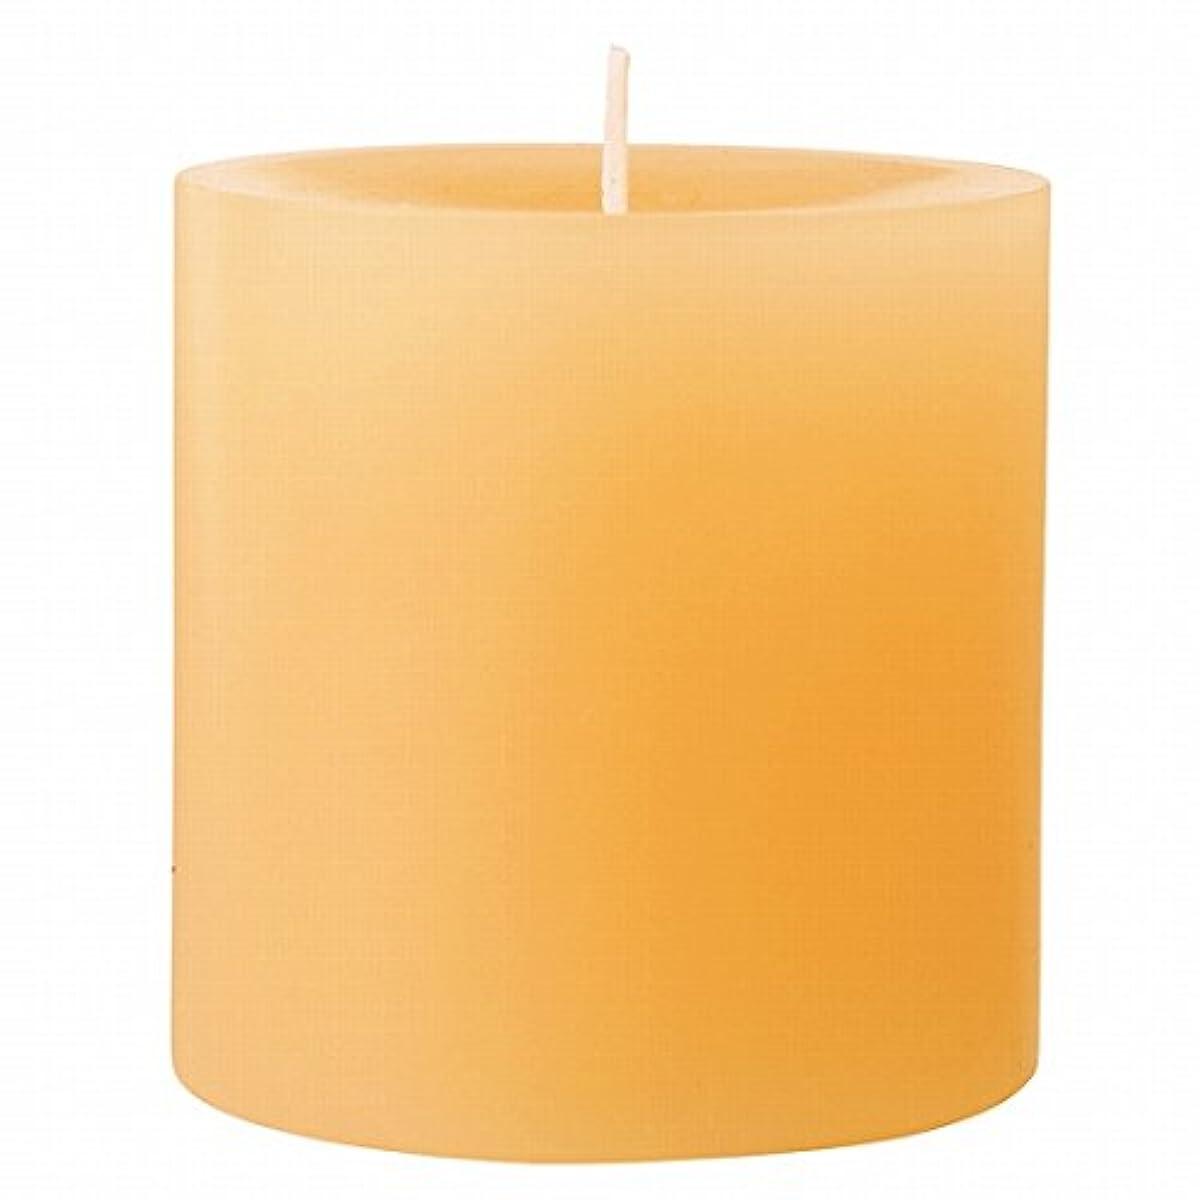 バナー代数的飲料カメヤマキャンドル(kameyama candle) 75×75ピラーキャンドル 「 ベージュ 」